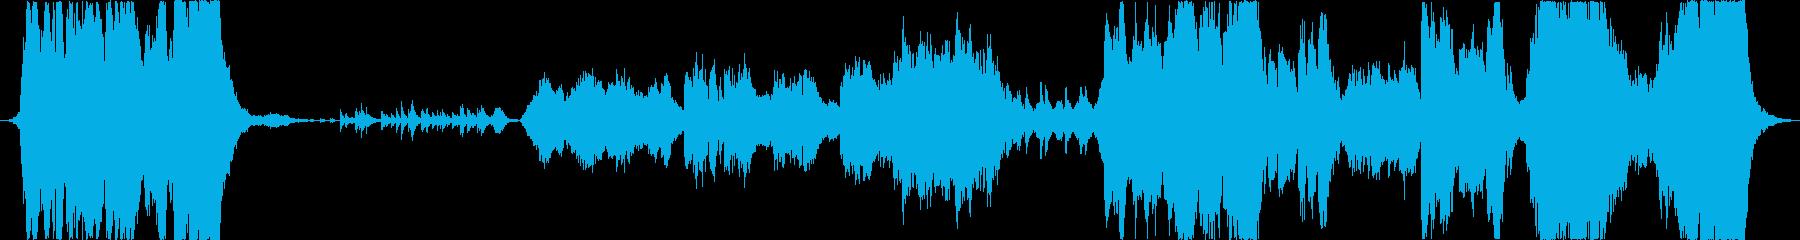 ファンタジー映画風オーケストラ 冒険への再生済みの波形